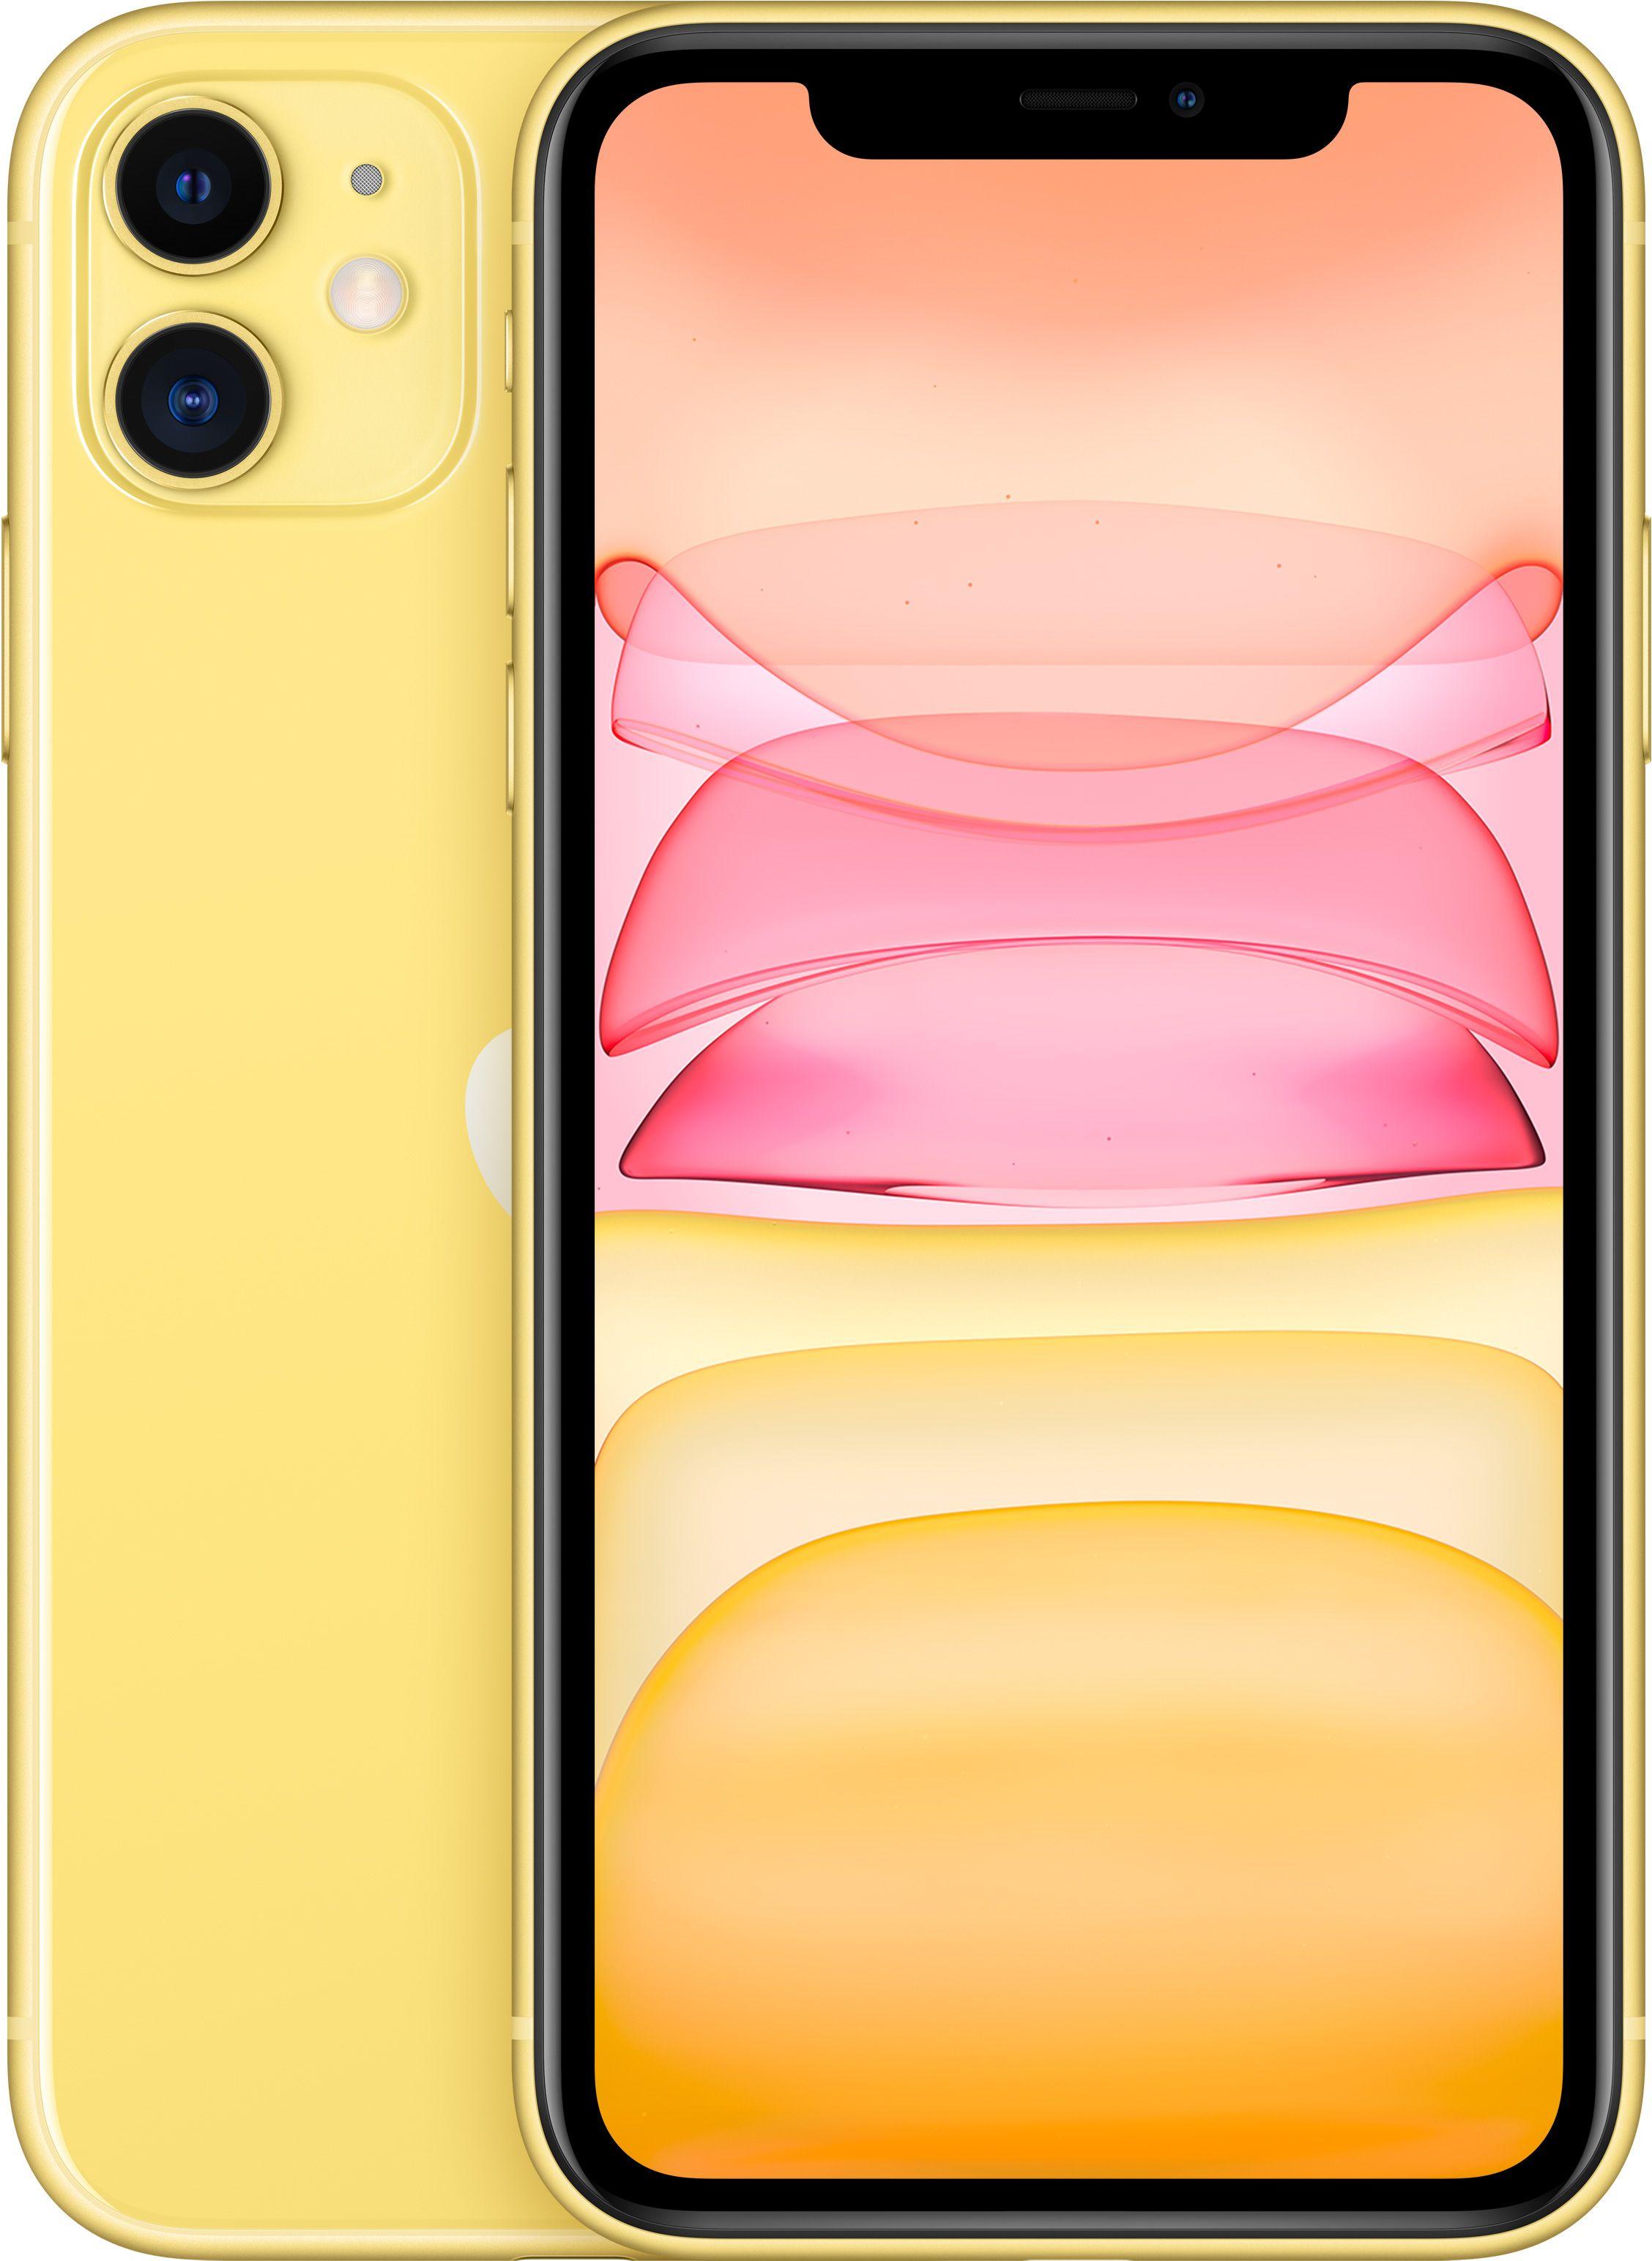 Мобильный телефон Apple iPhone 11 128GB (желтый) фото